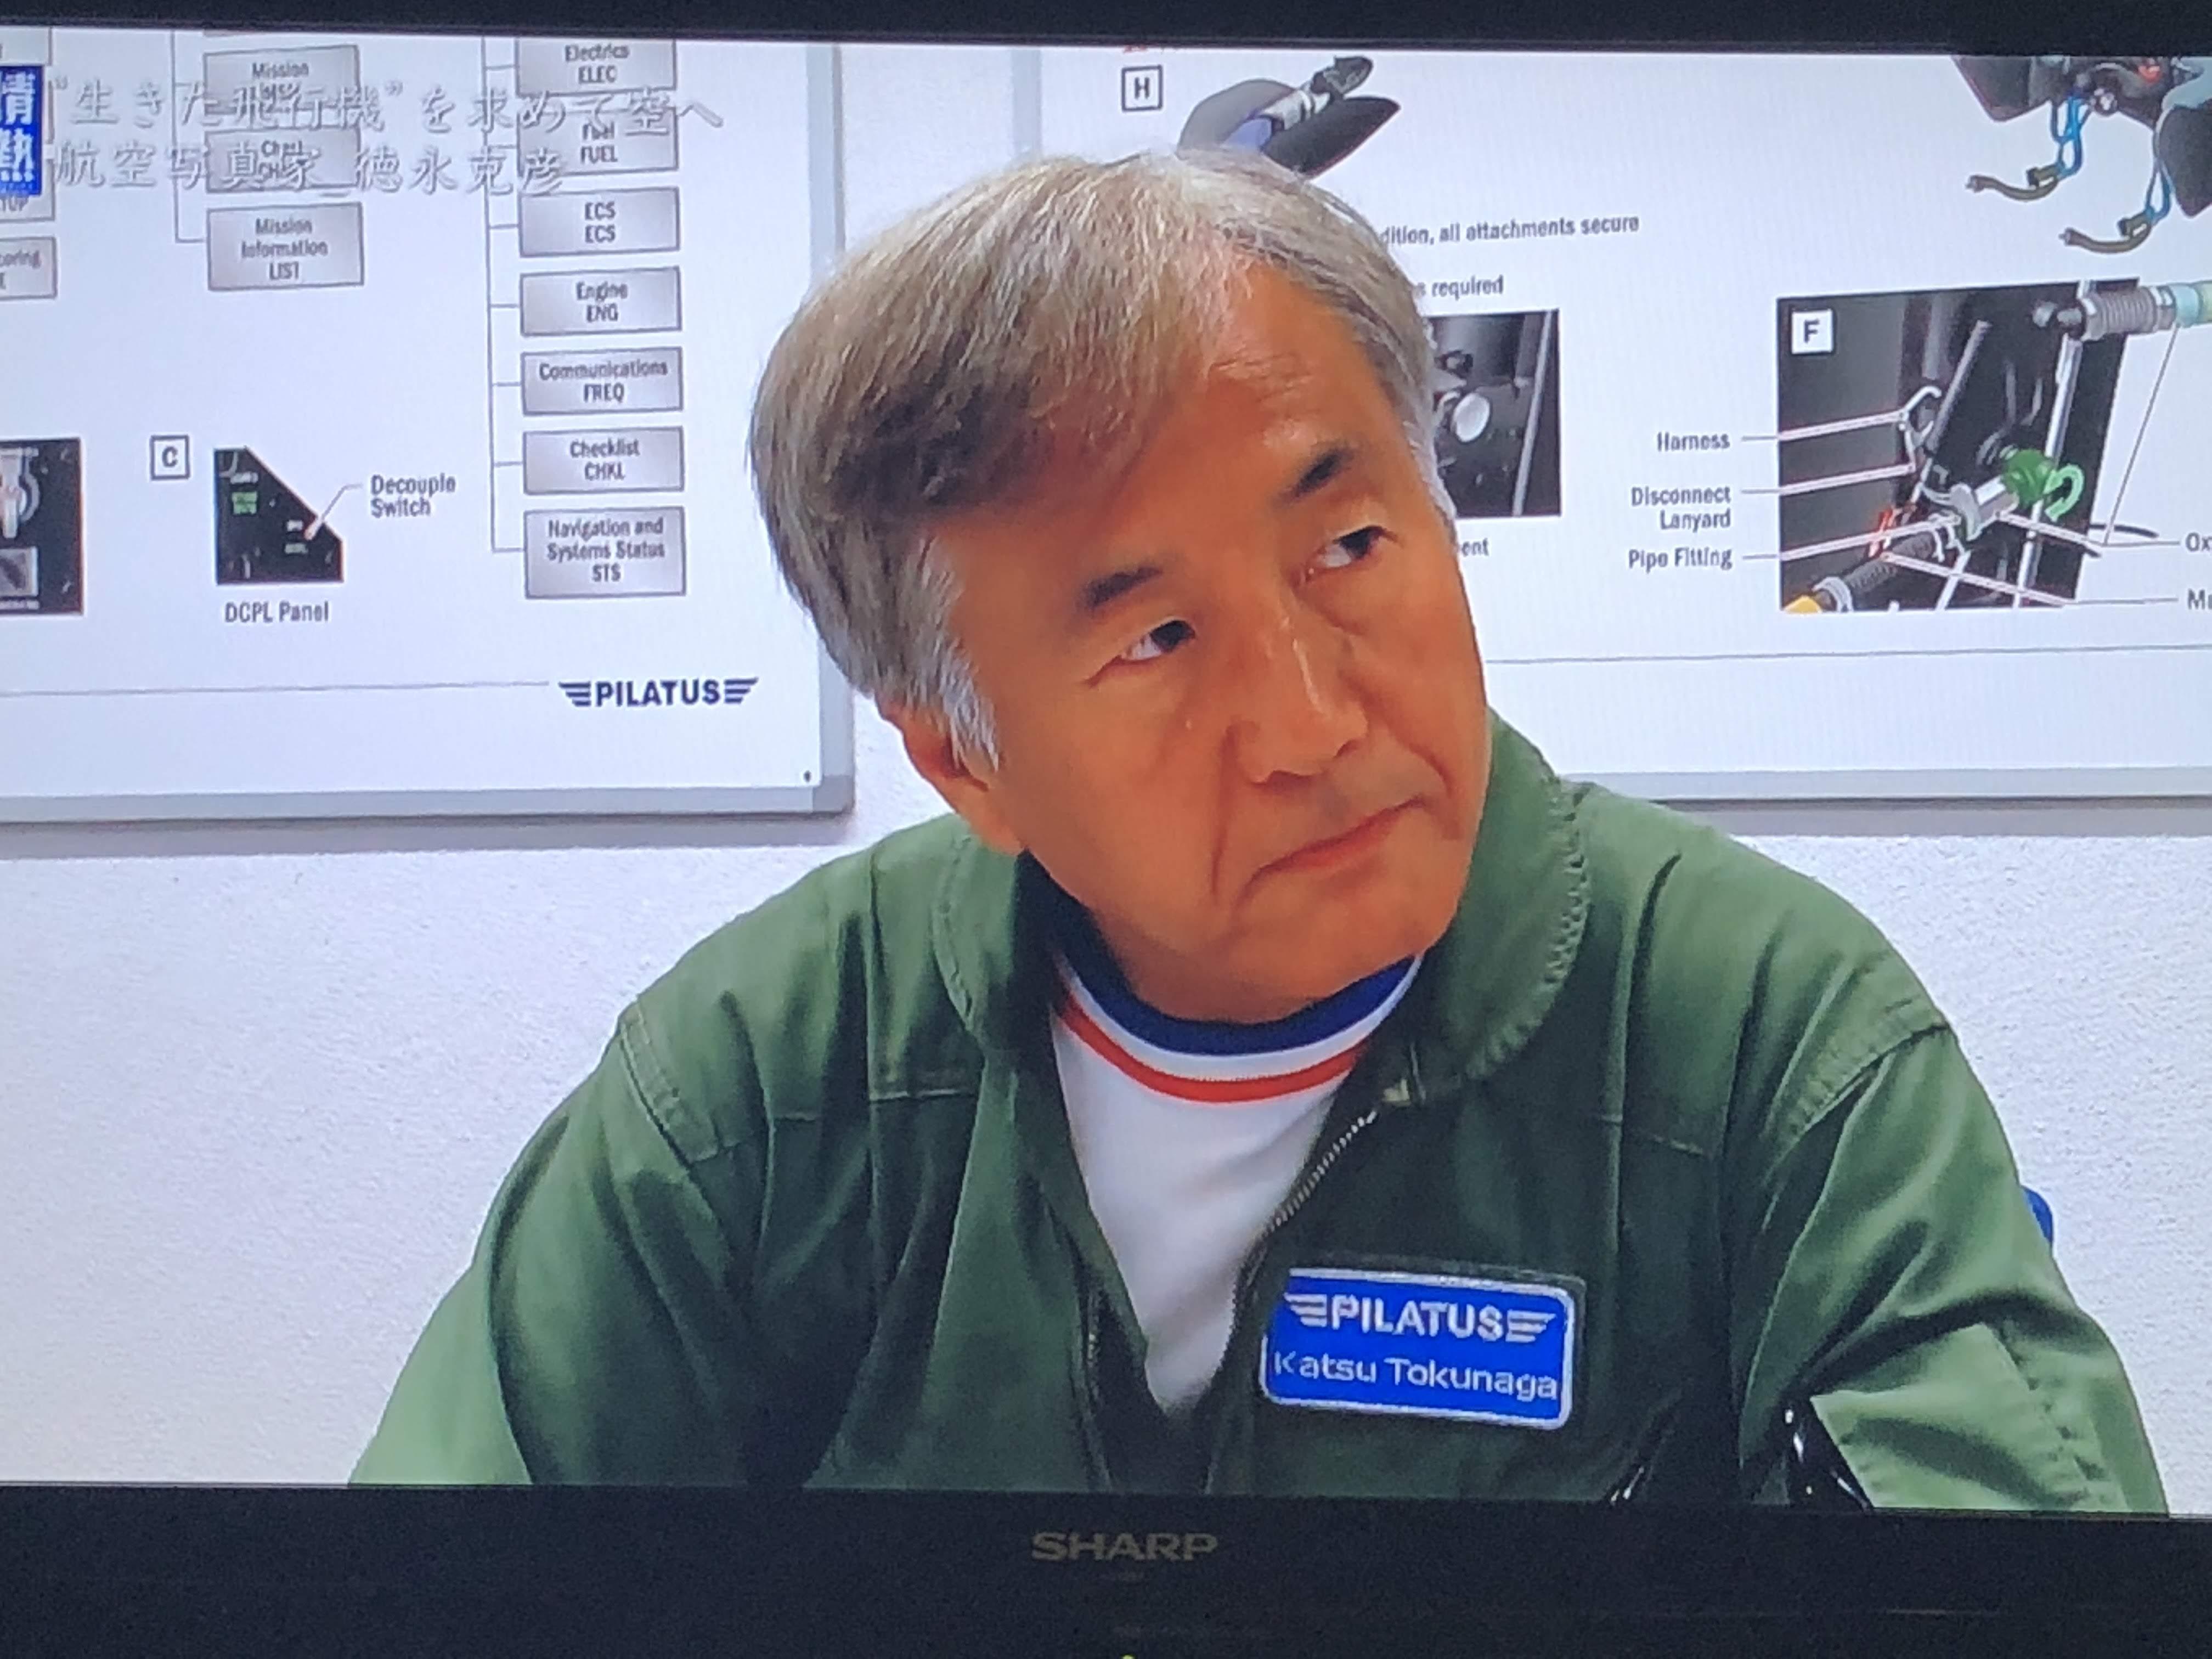 徳永克彦が使うカメラやレンズ機材にすごすぎる戦闘機の航空写真撮影テクニックまで知り尽くす